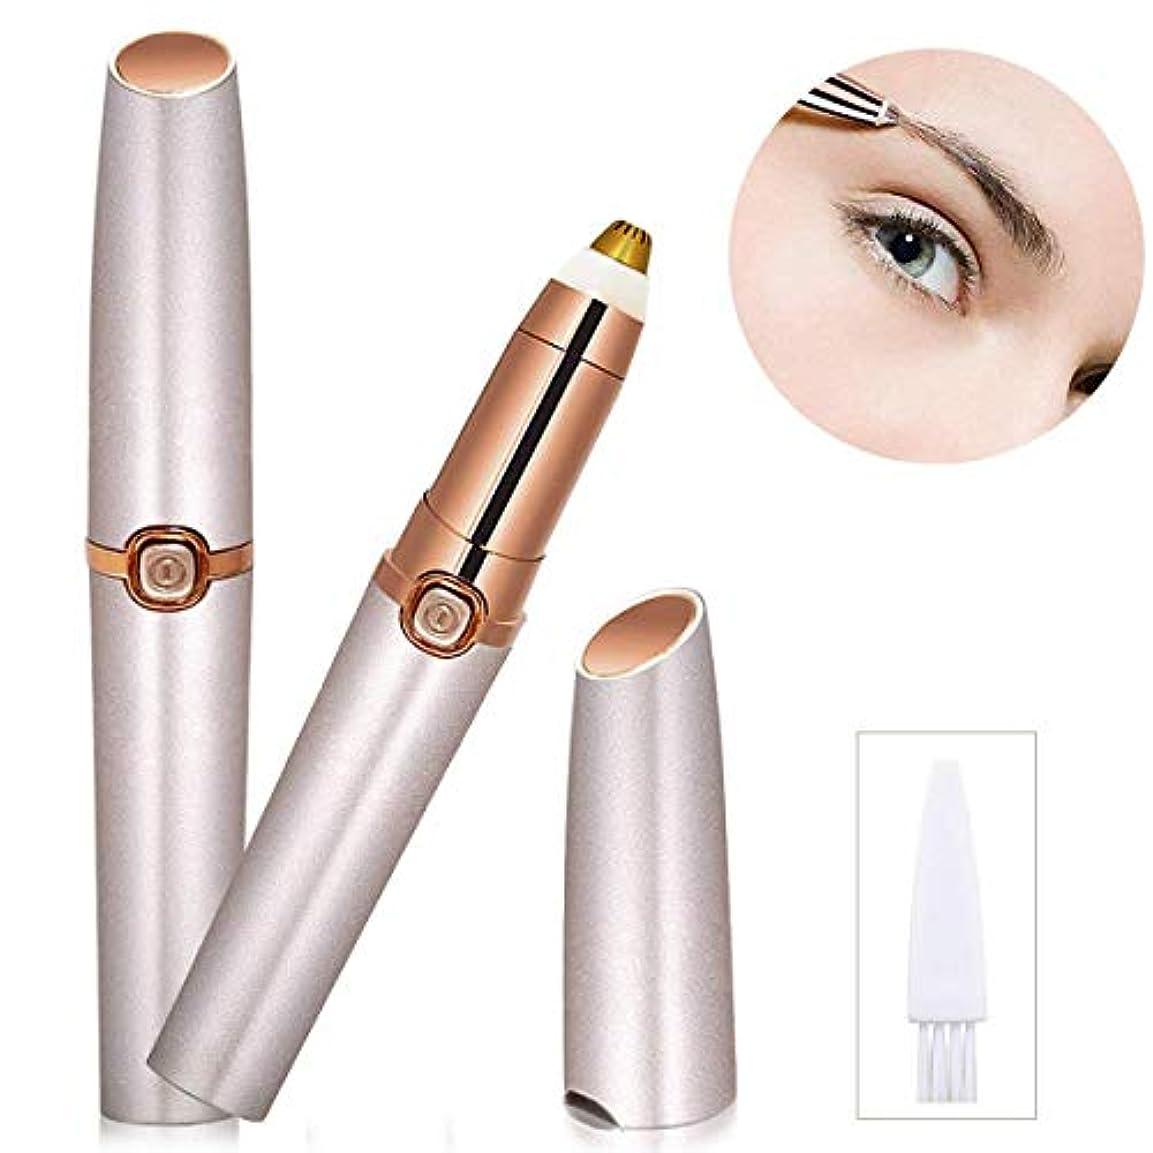 フルート広告割り当てます女性無痛眉毛髪リムーバー電子ミニ眉毛カミソリポータブル精密眉毛脱毛器用の電気眉毛トリマー,金